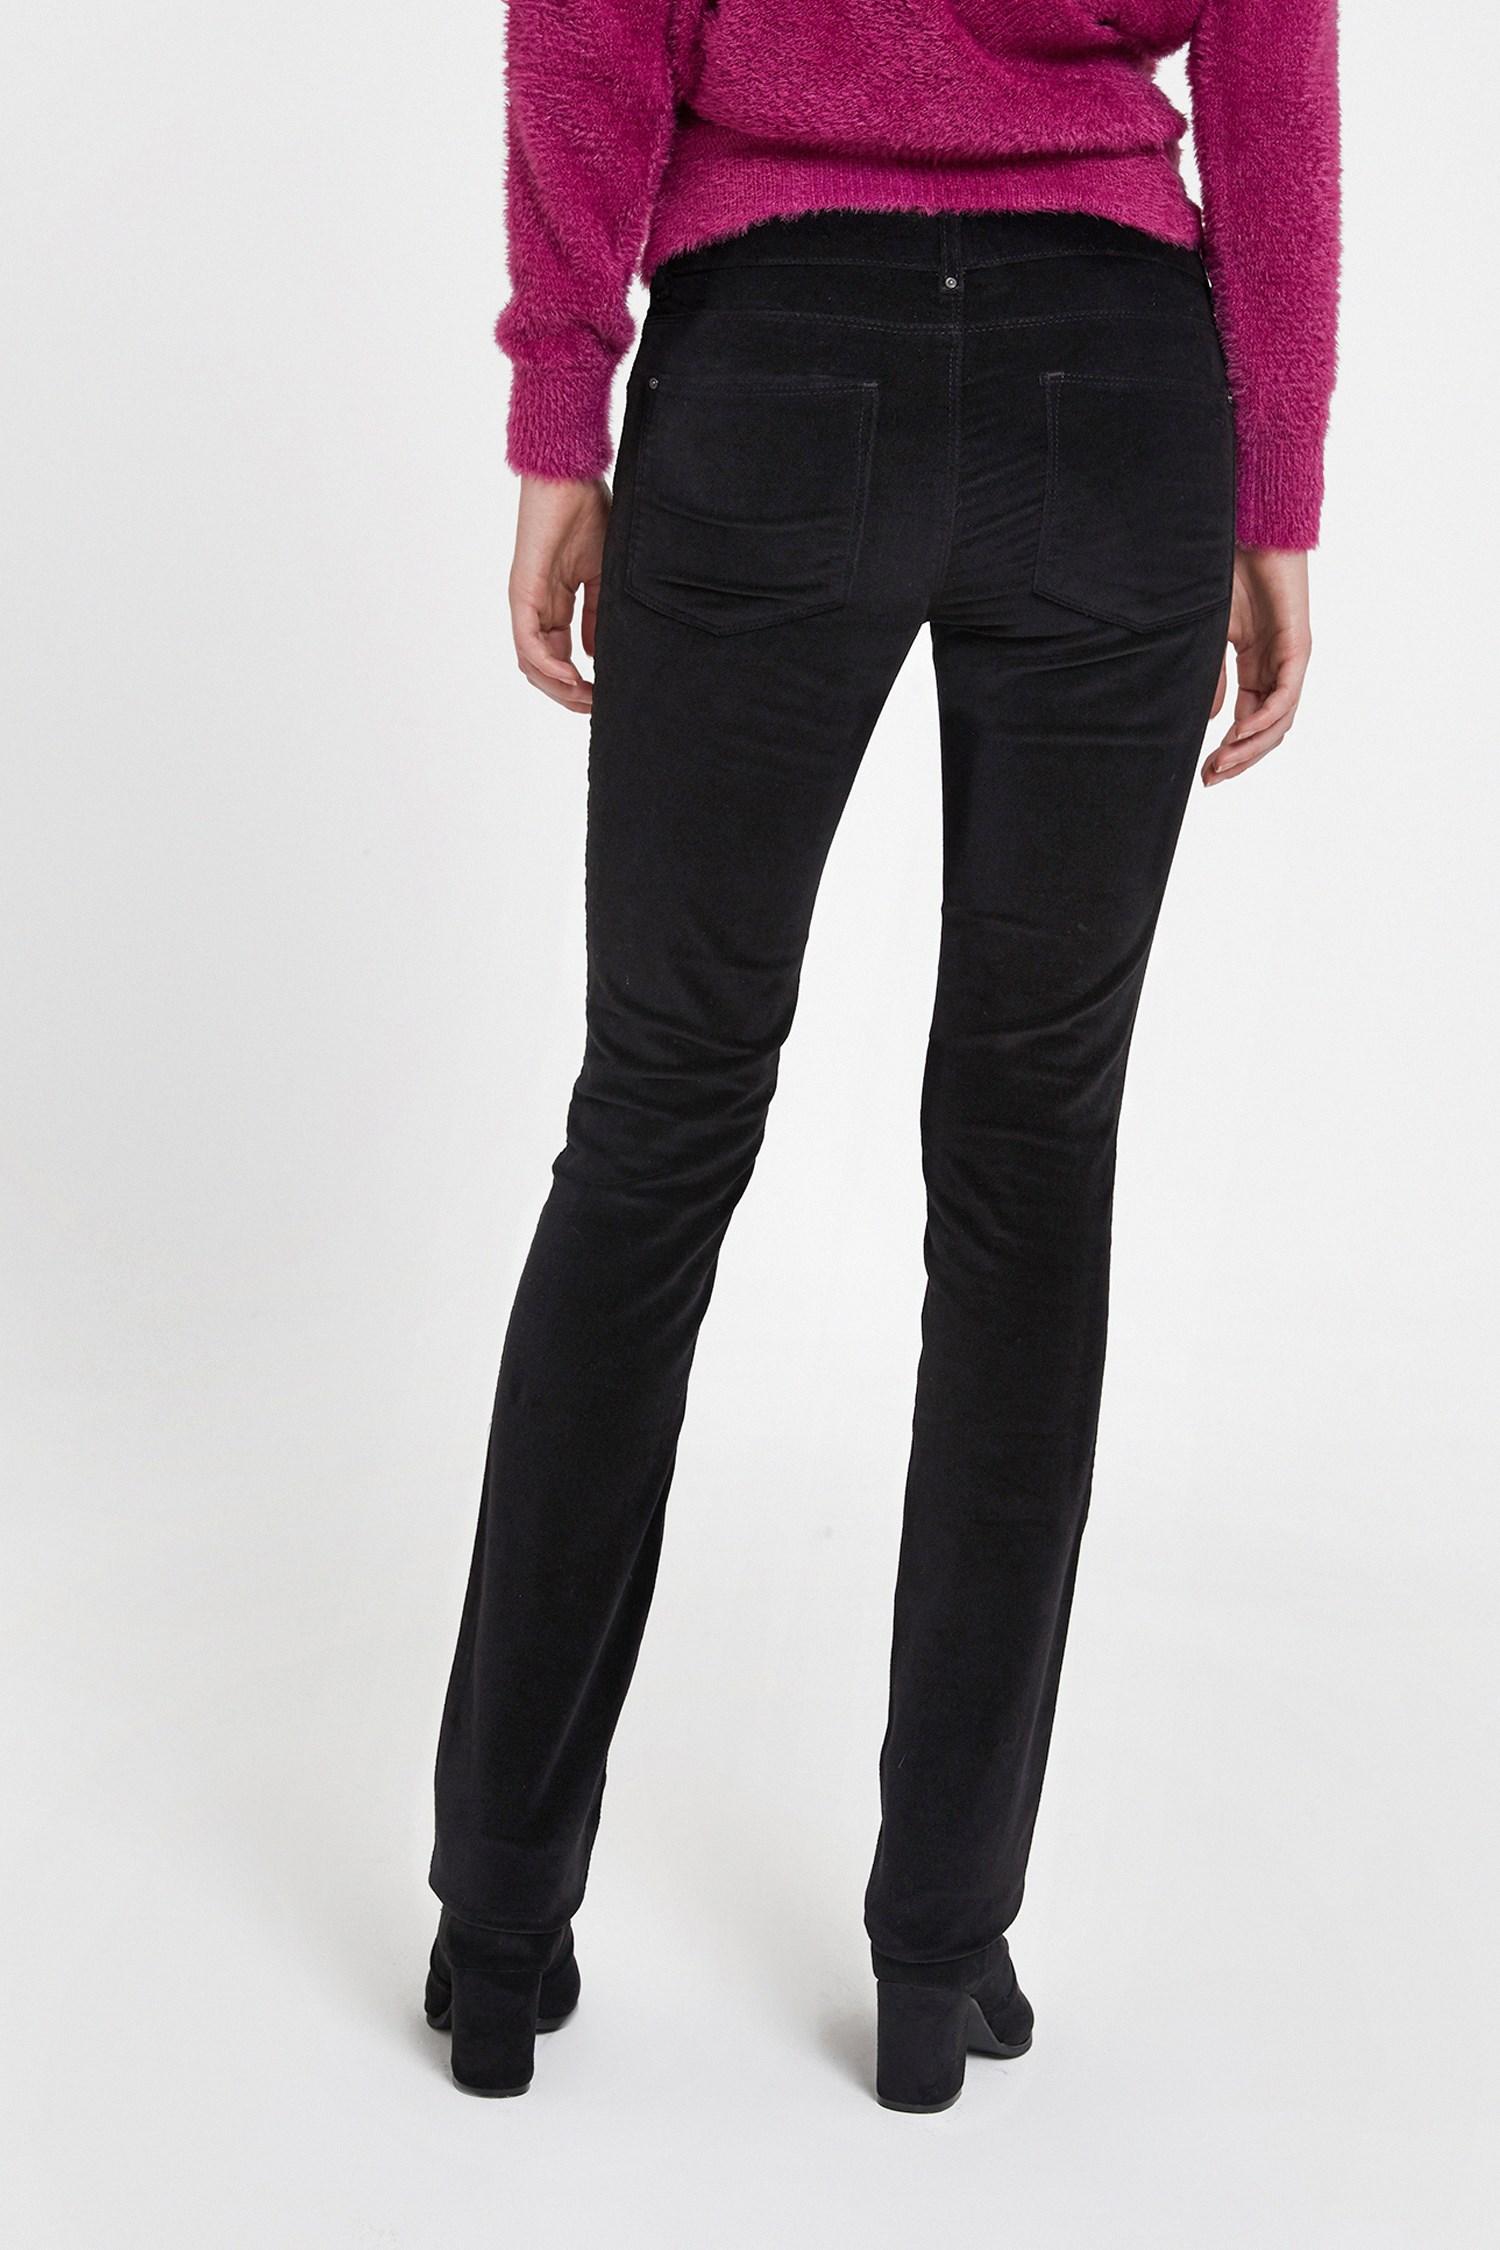 Bayan Siyah Düşük Bel Kadife Pantolon